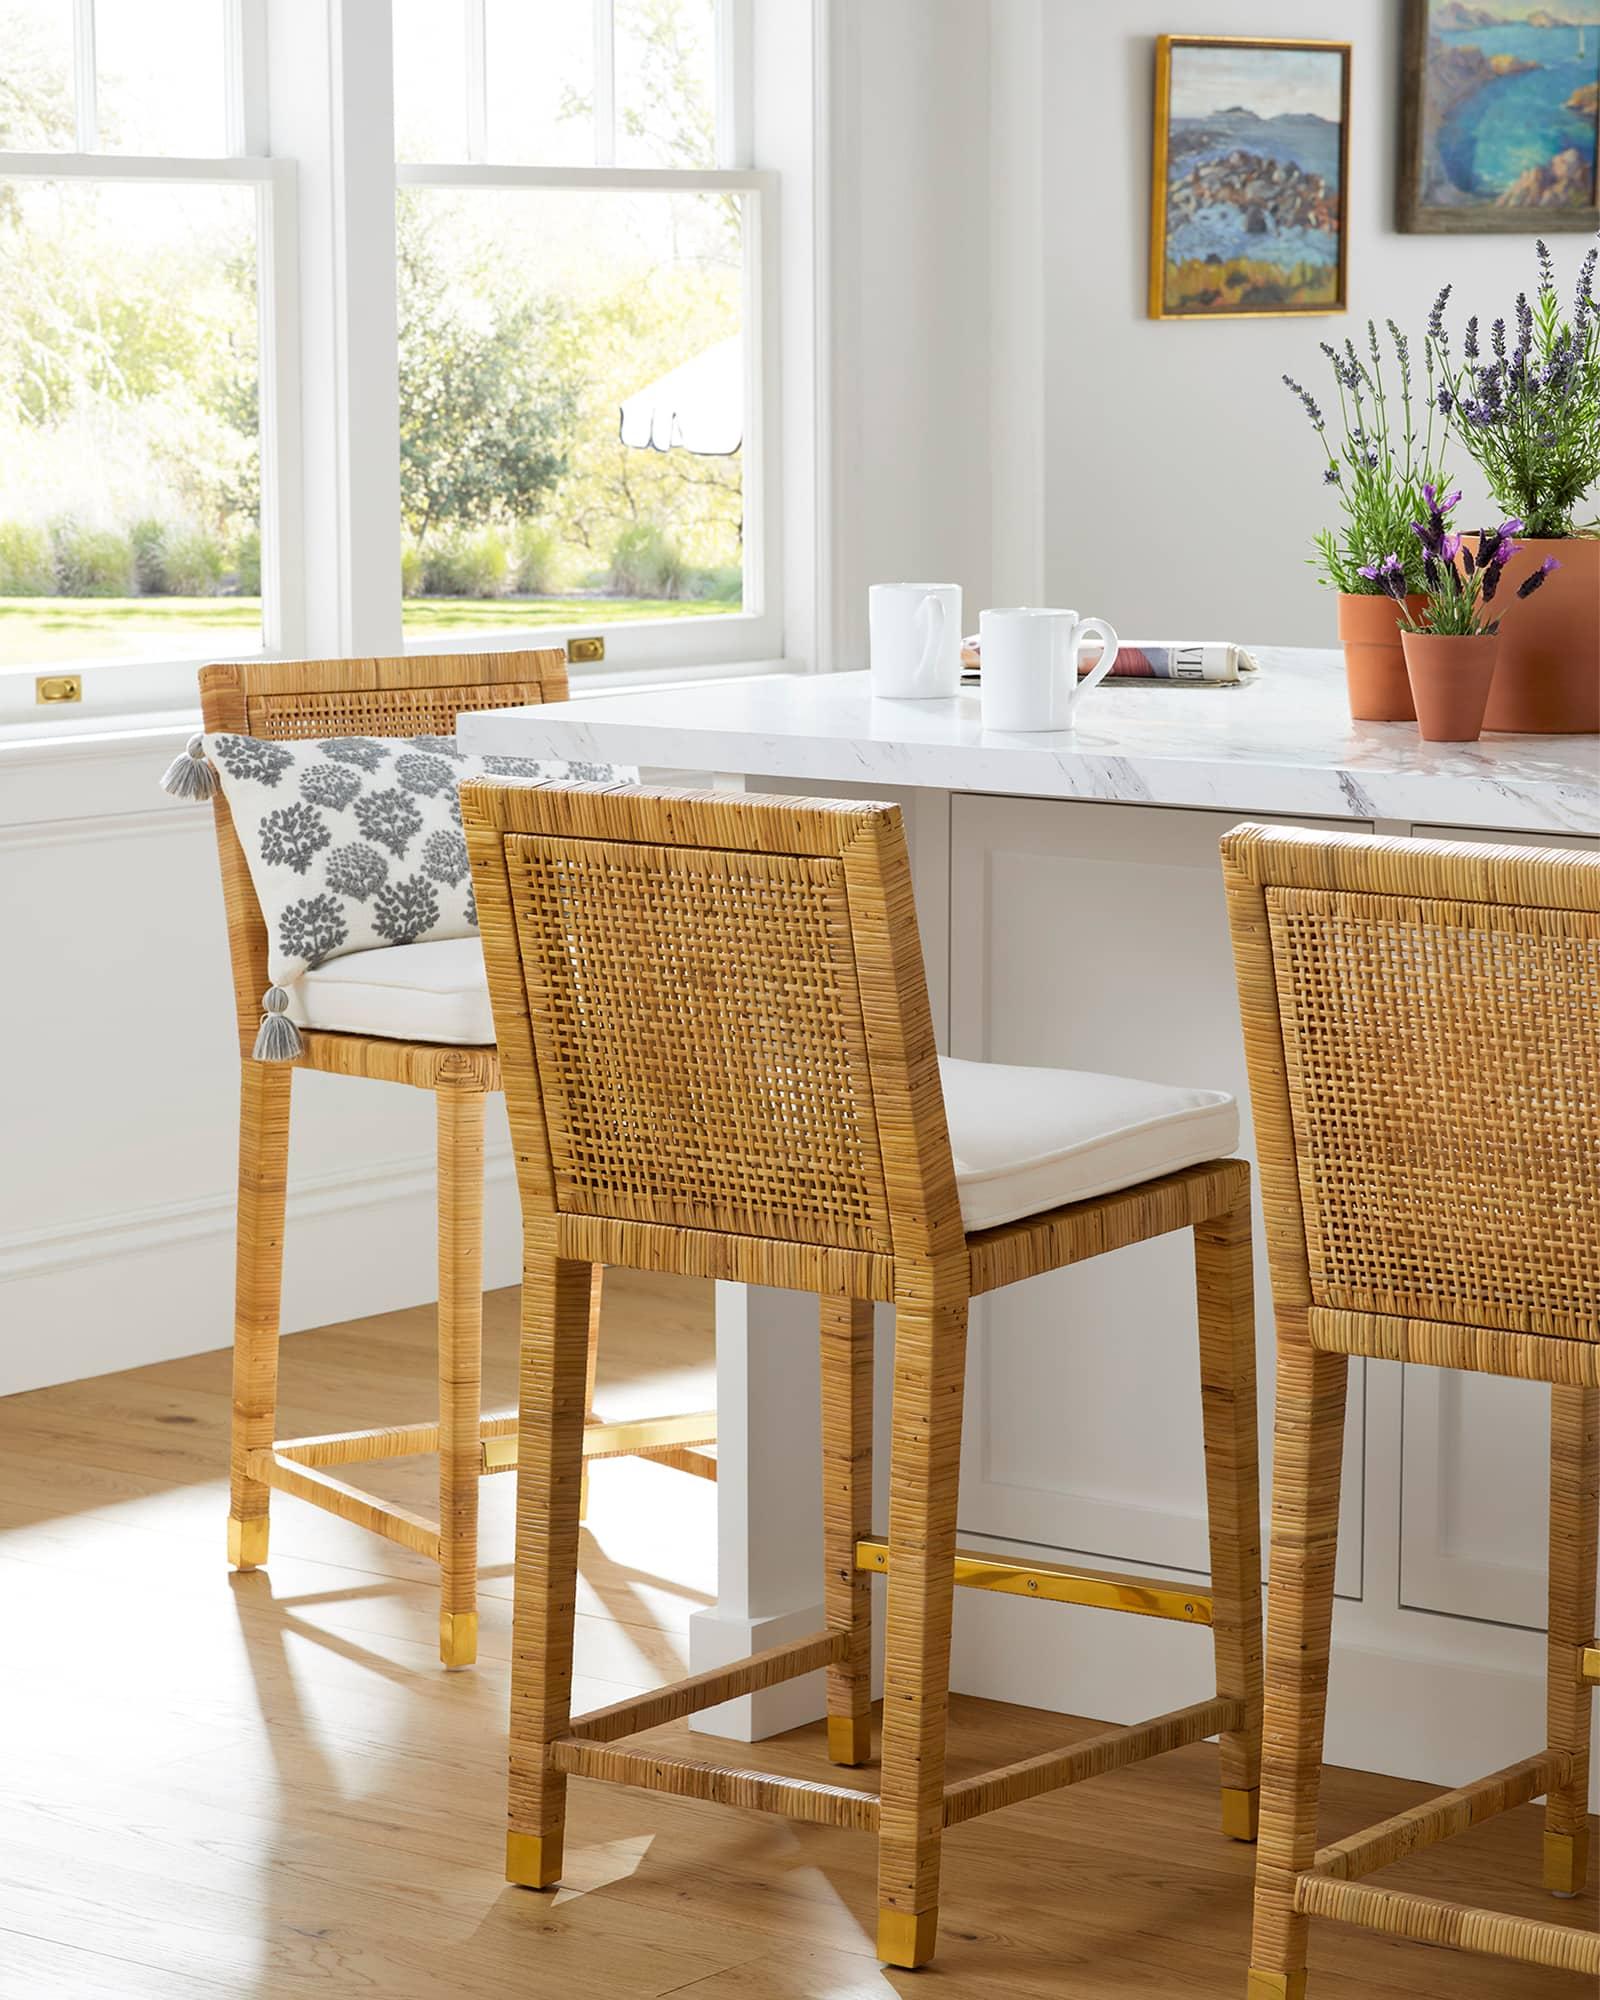 Balboa counter stools at kitchen island